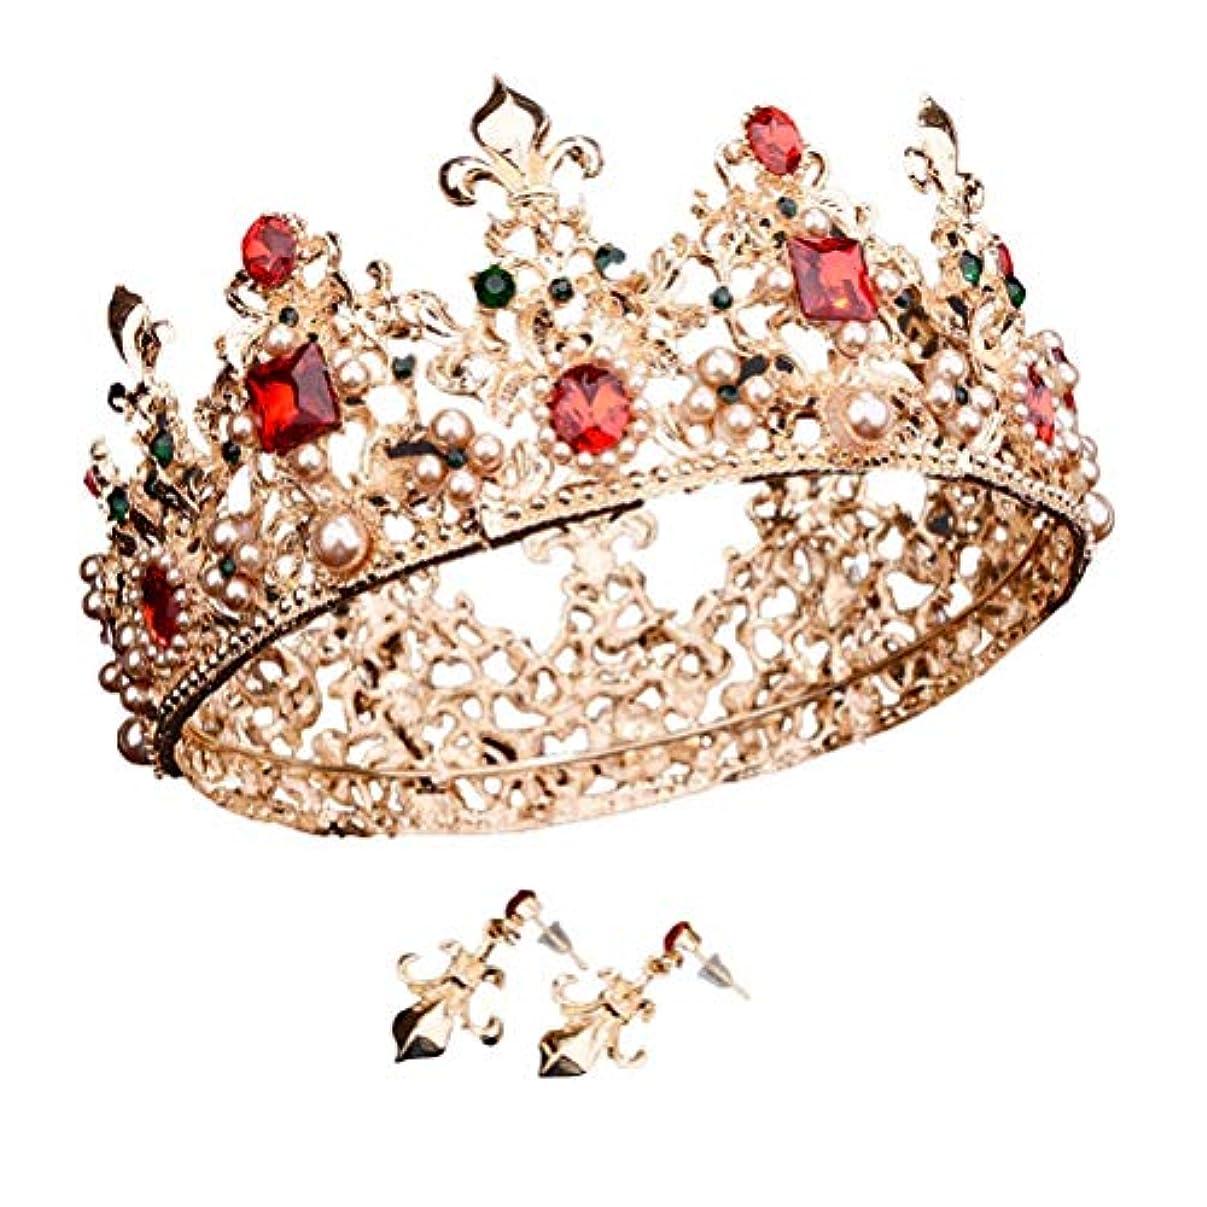 政策白雪姫免疫Beaupretty 女性のためのバロック女王クラウンラインストーンの結婚式の冠とティアライヤリング付きヘアアクセサリー結婚式のかぶと